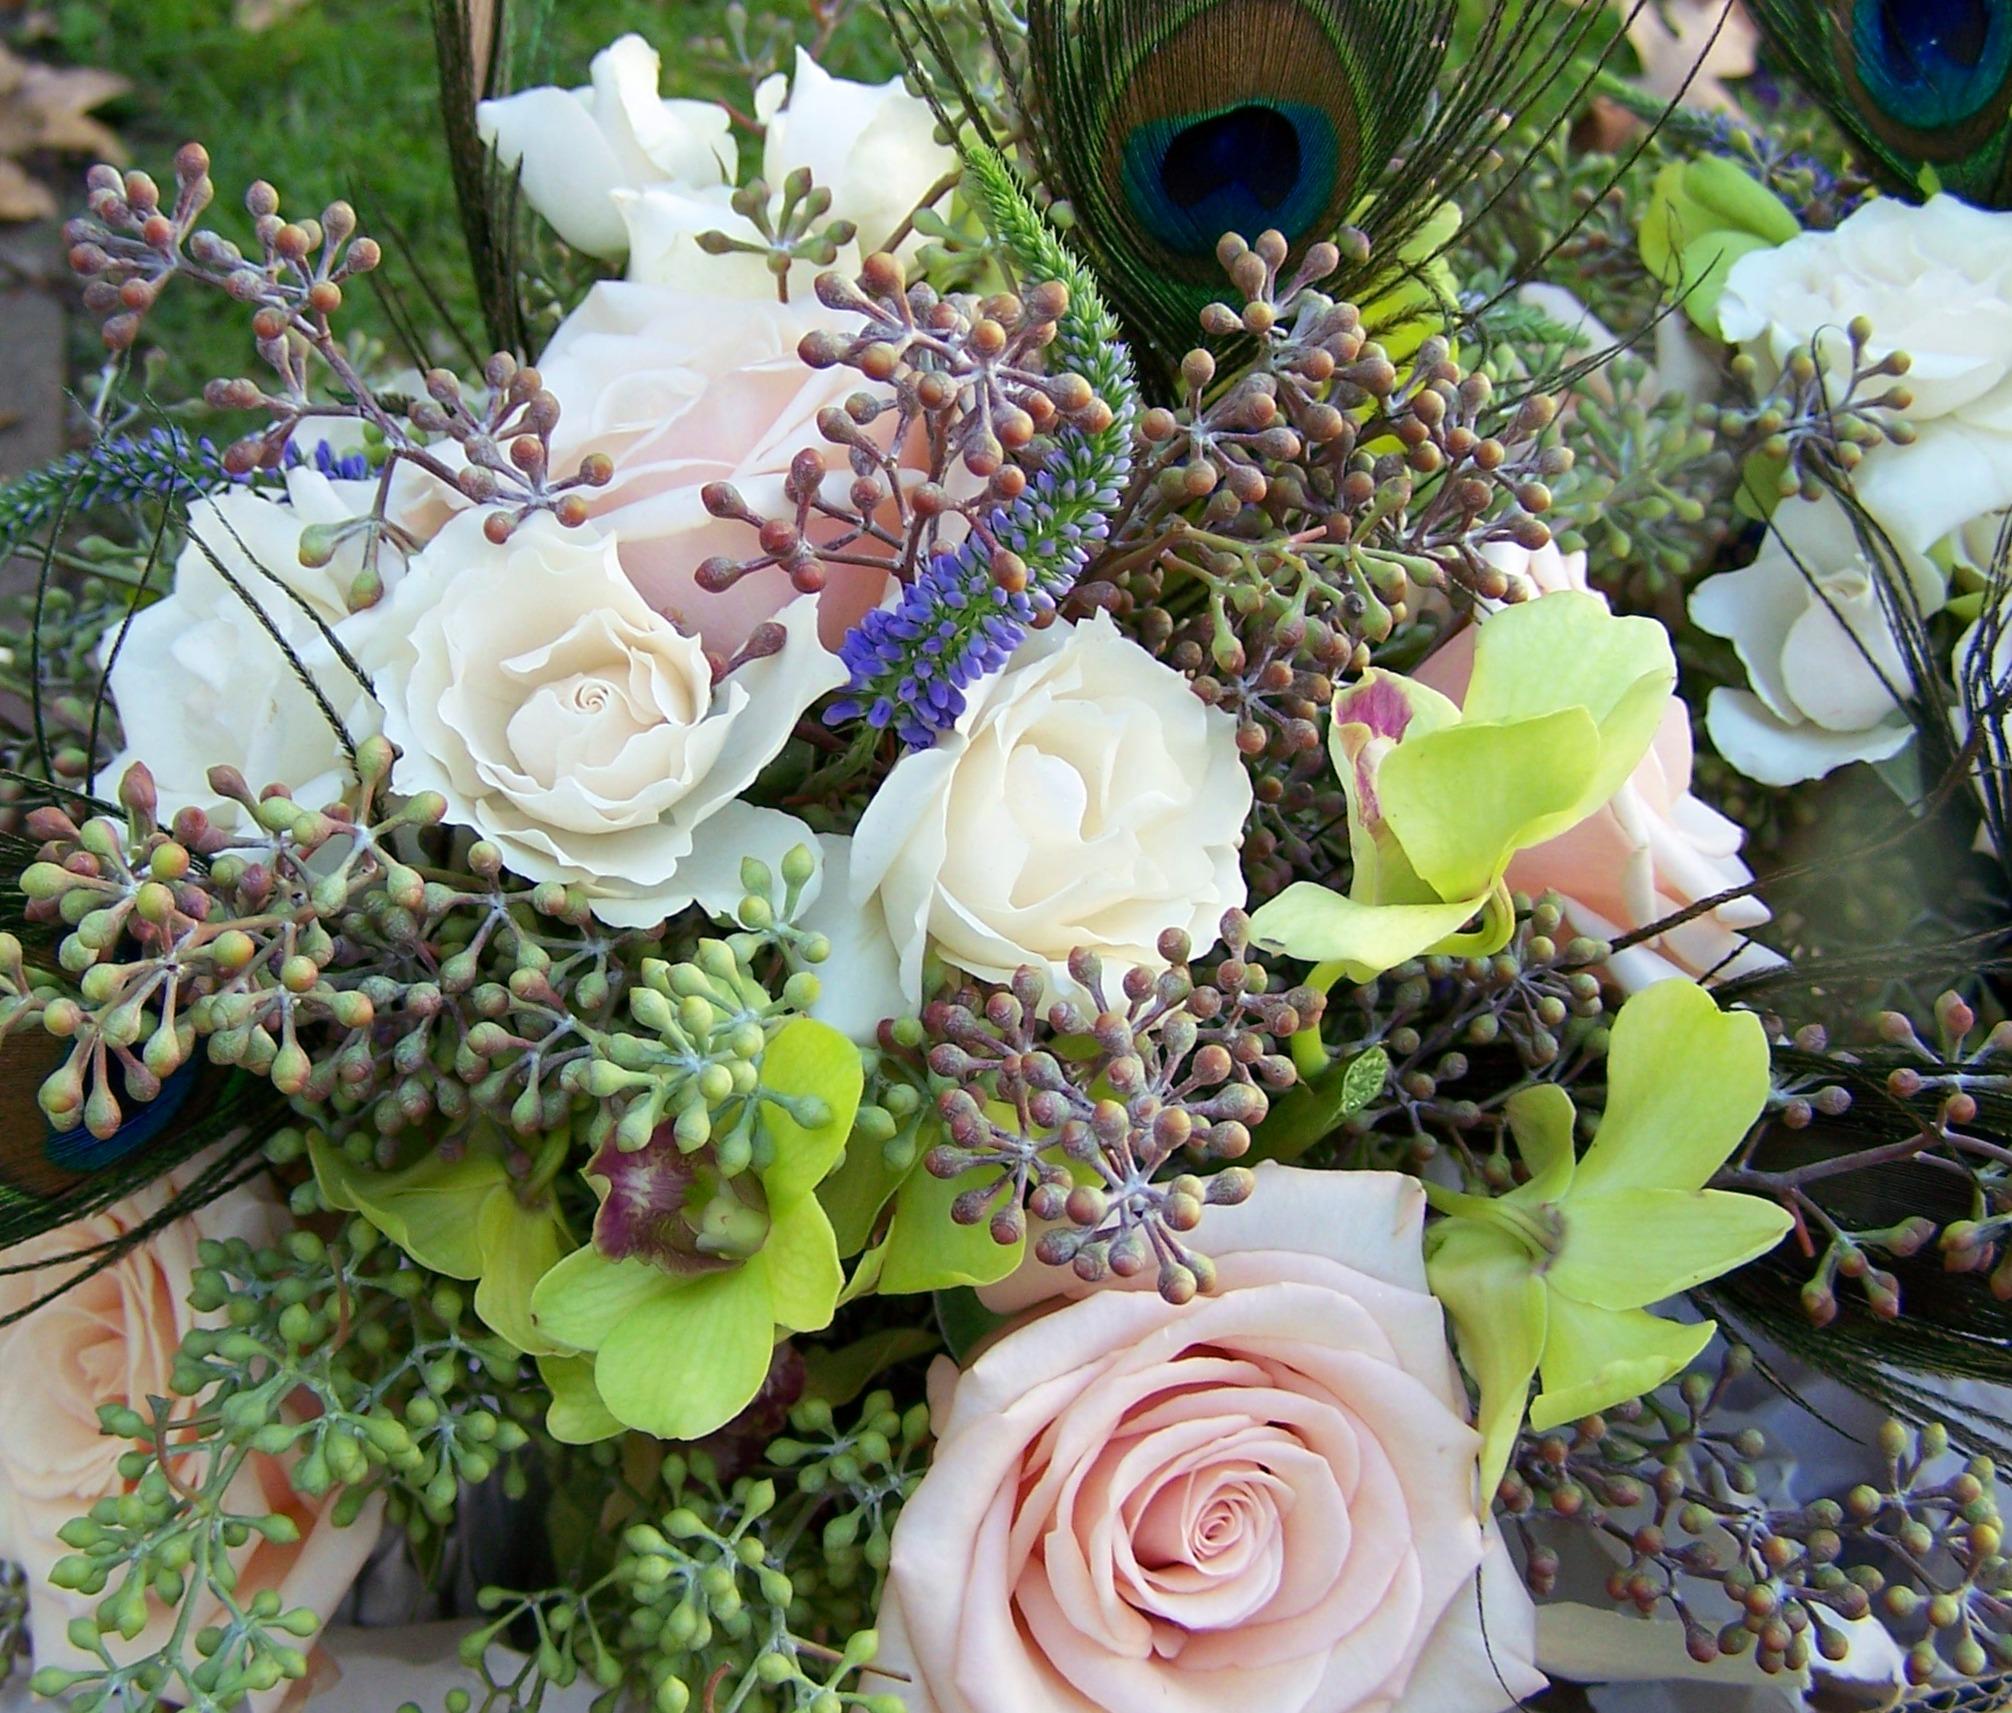 rheenasflowers-2.jpg